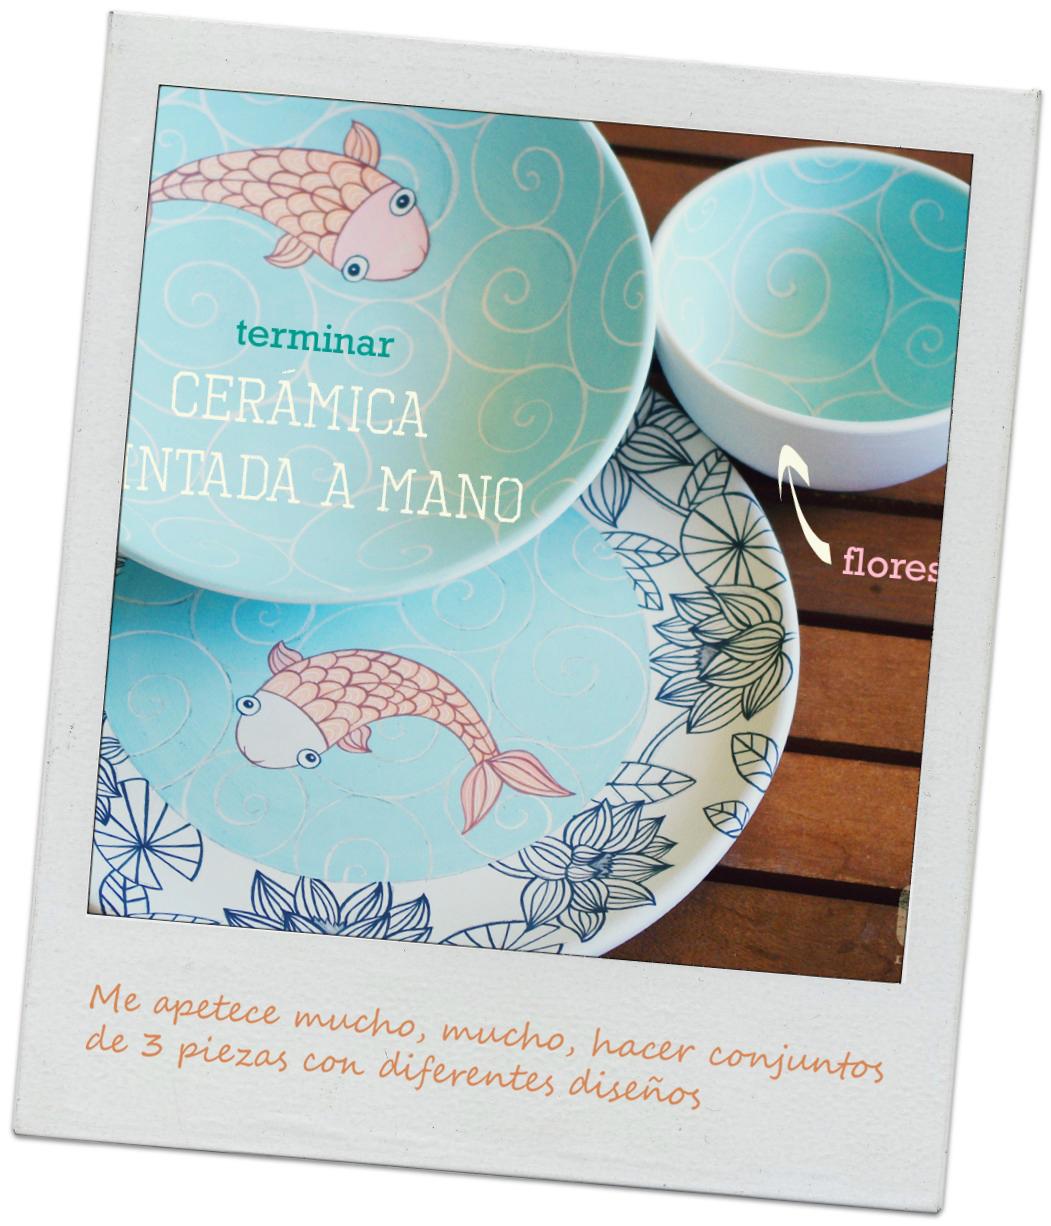 Veranooo 613materika - Juego para hacer ceramica ...